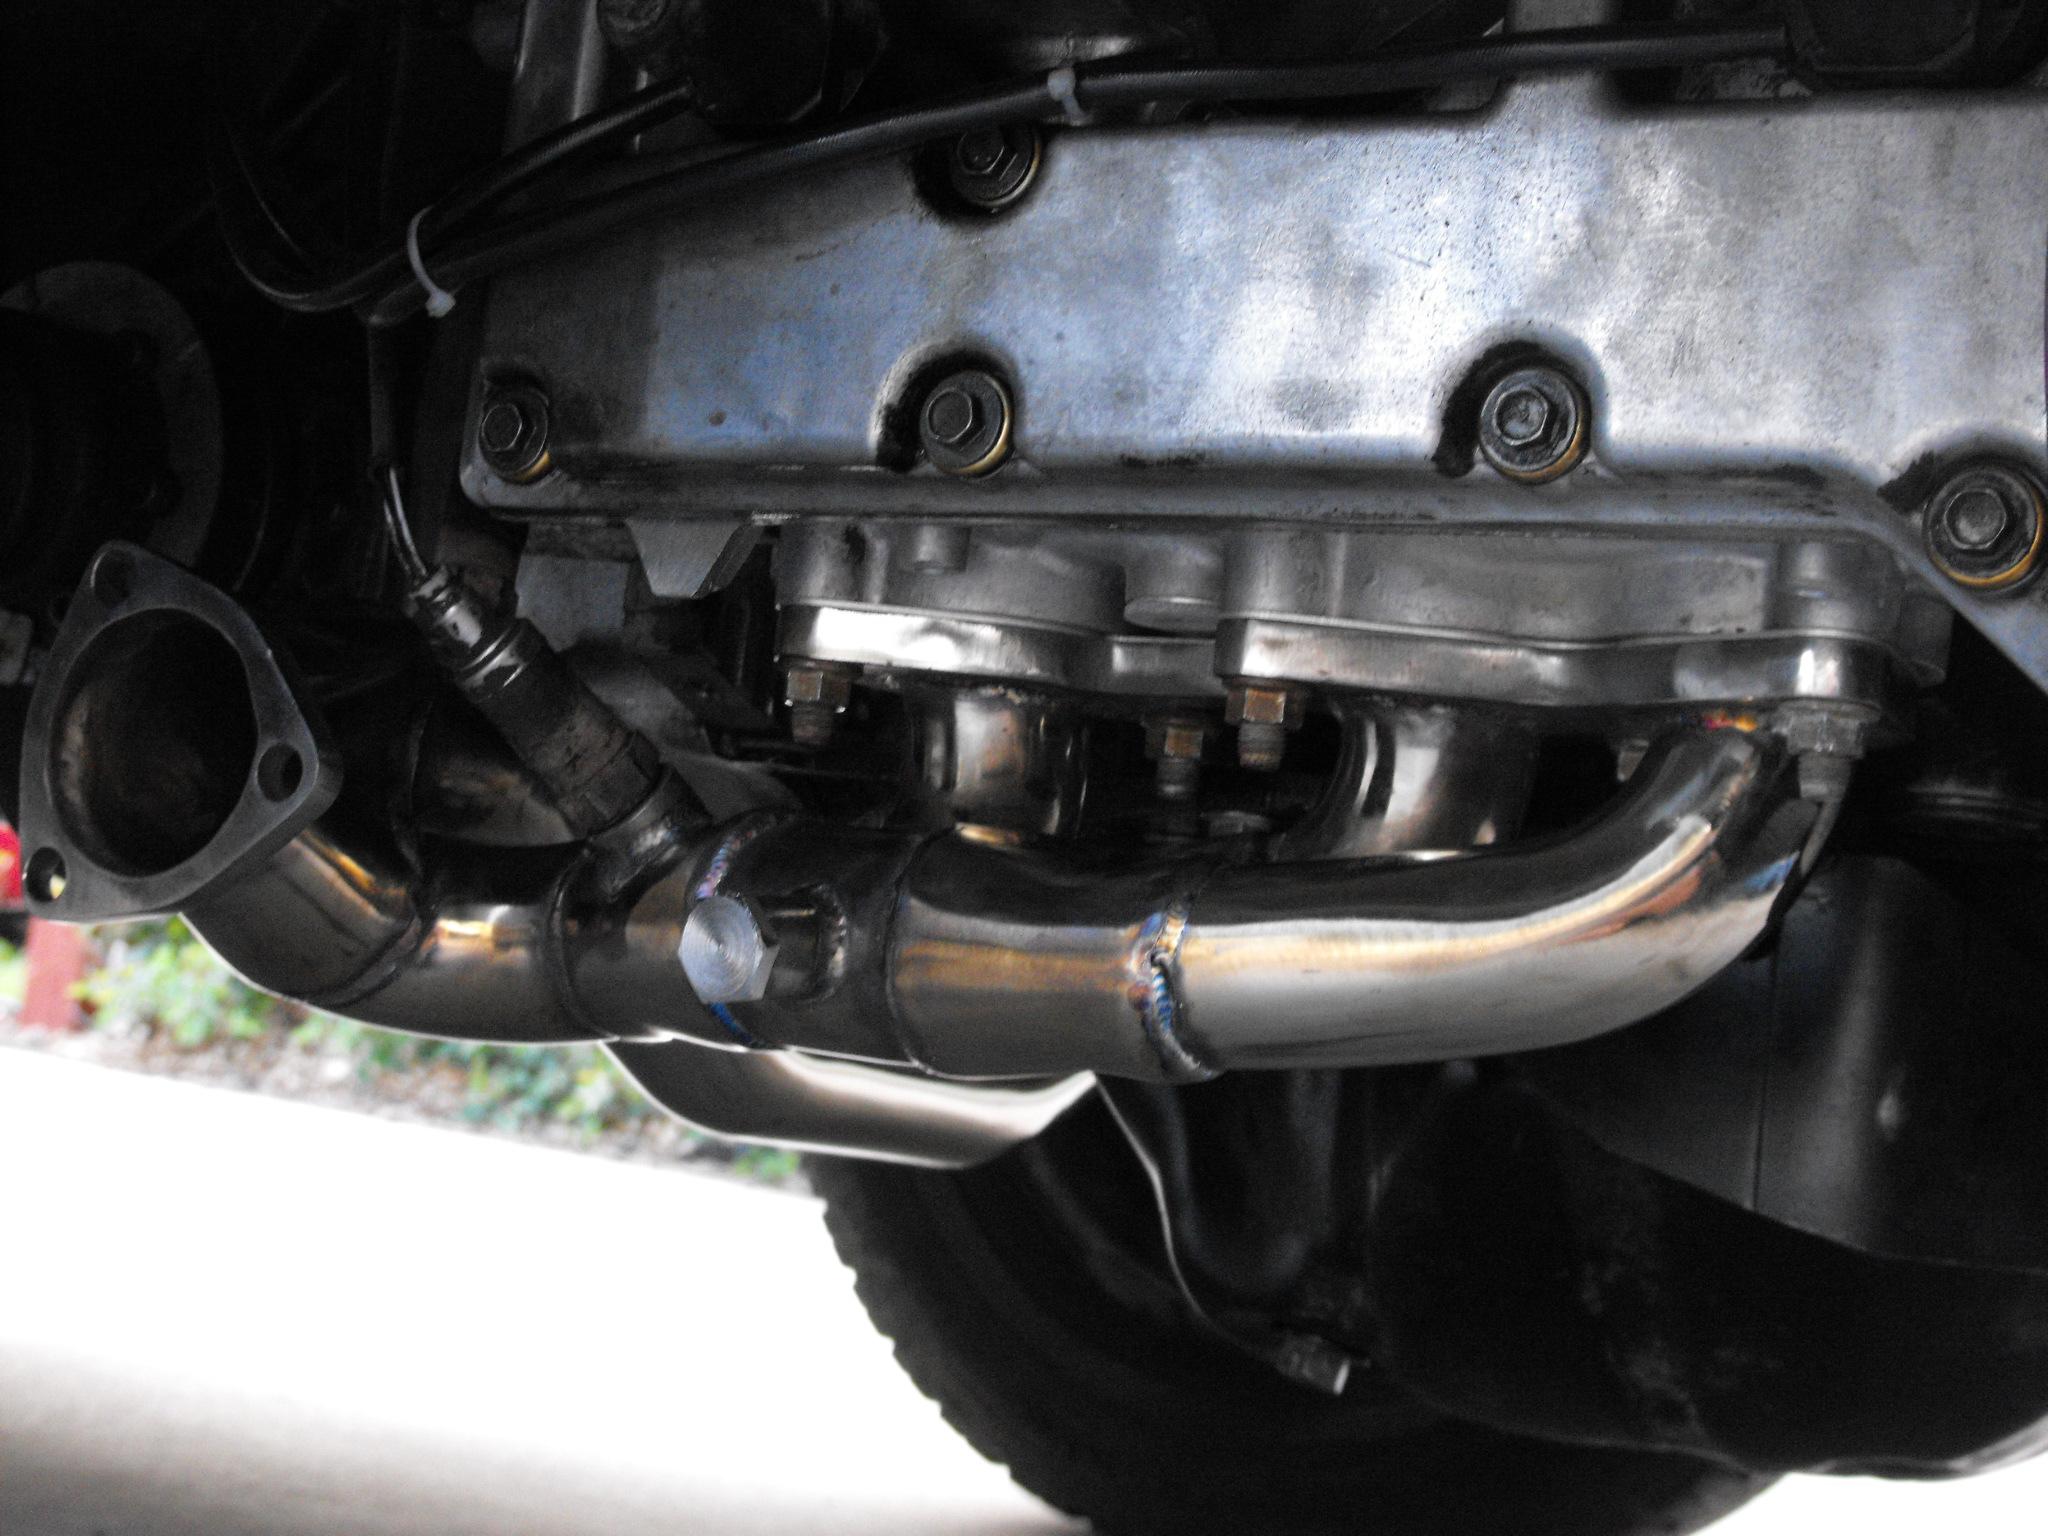 How to fix broken vizor spring 1999 nissan altima 2004 for 03 nissan altima door handle replacement